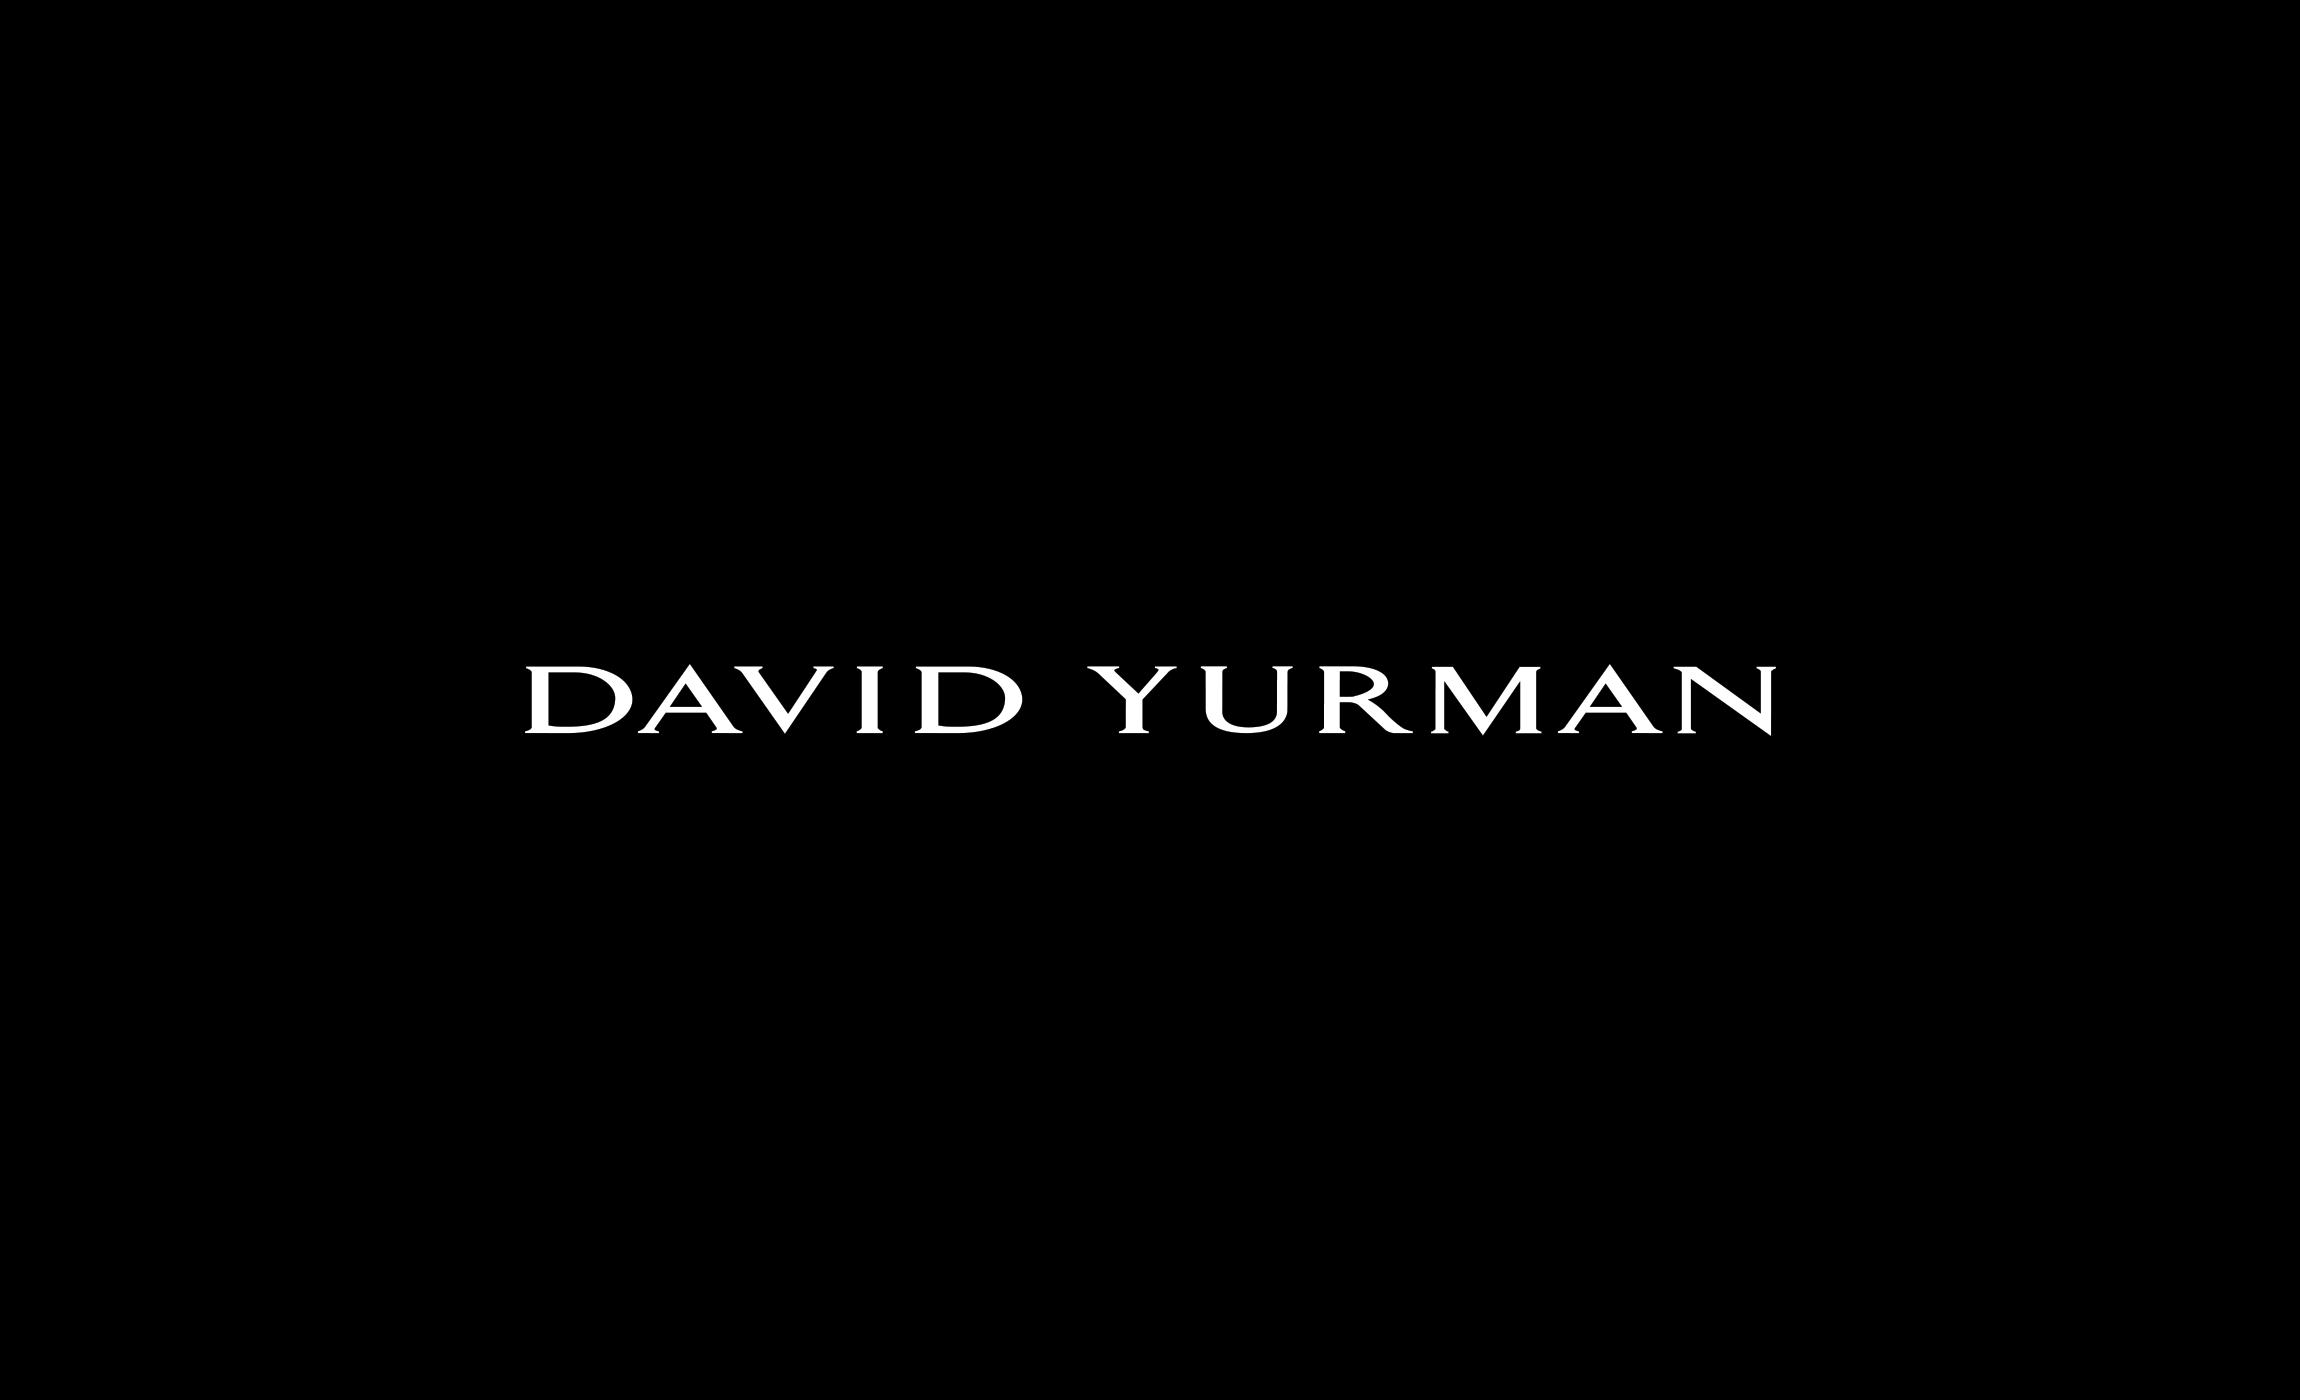 Identity Design for David Yurman